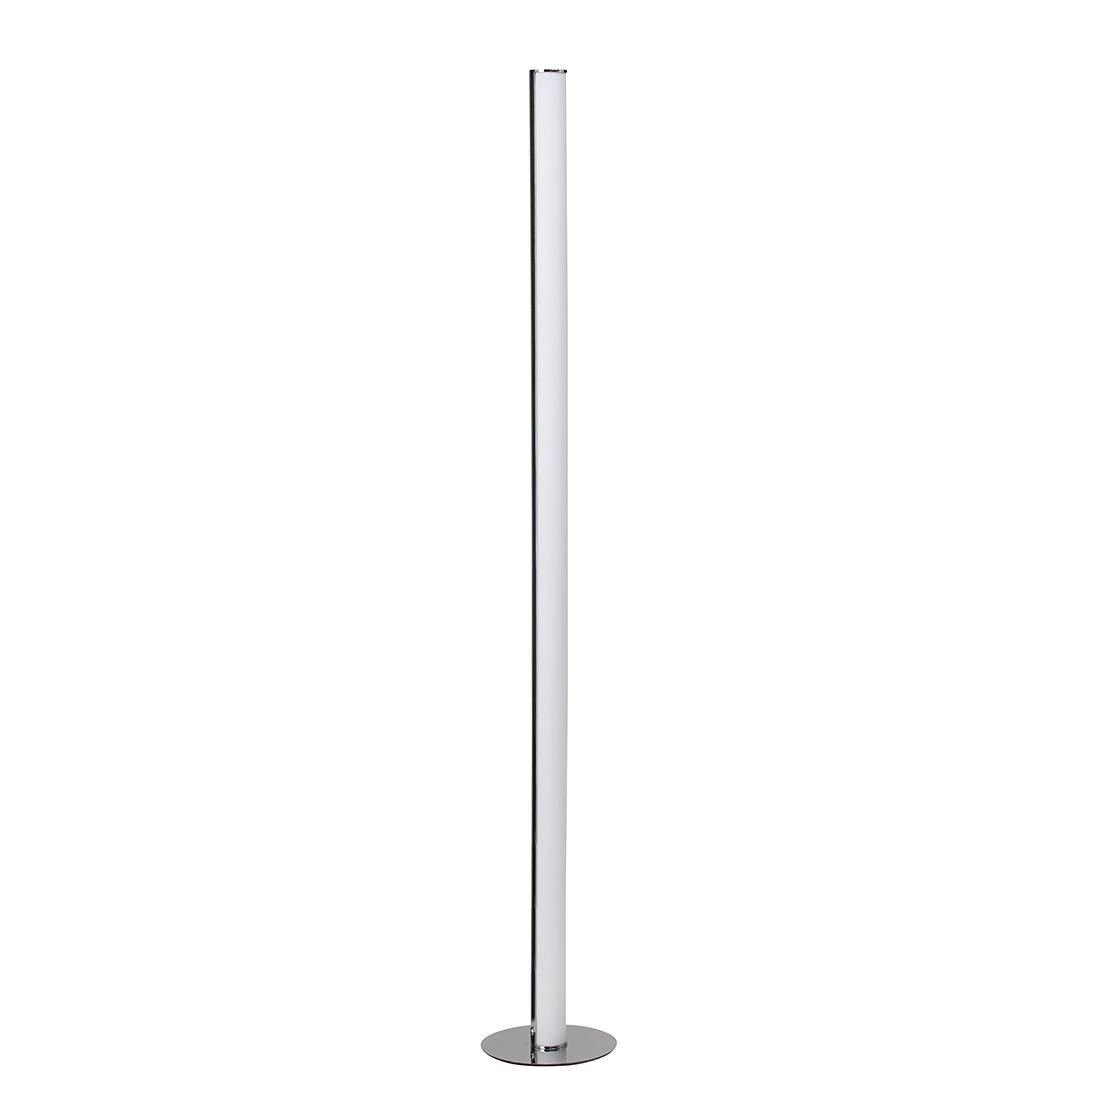 EEK A+, Lampadaire Tube - Métal / Matériau synthétique Argenté 1 ampoule, Brilliant